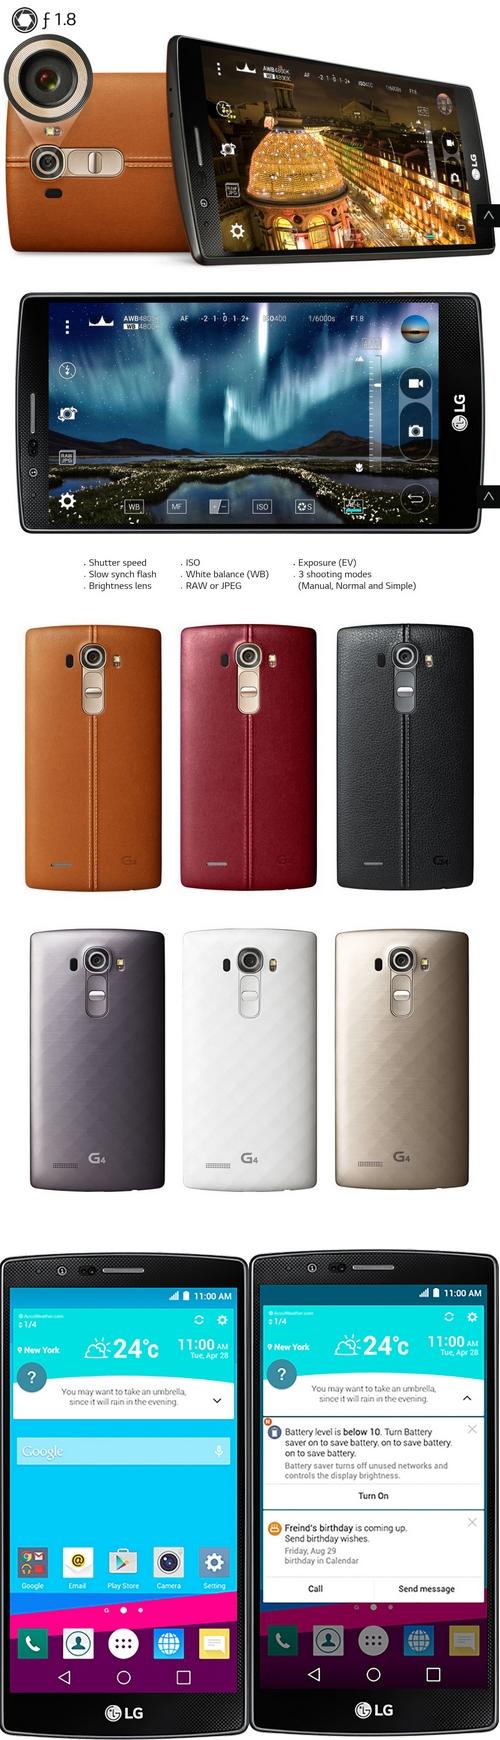 LG  dévoile par erreur des photos de son prochain modèle G4